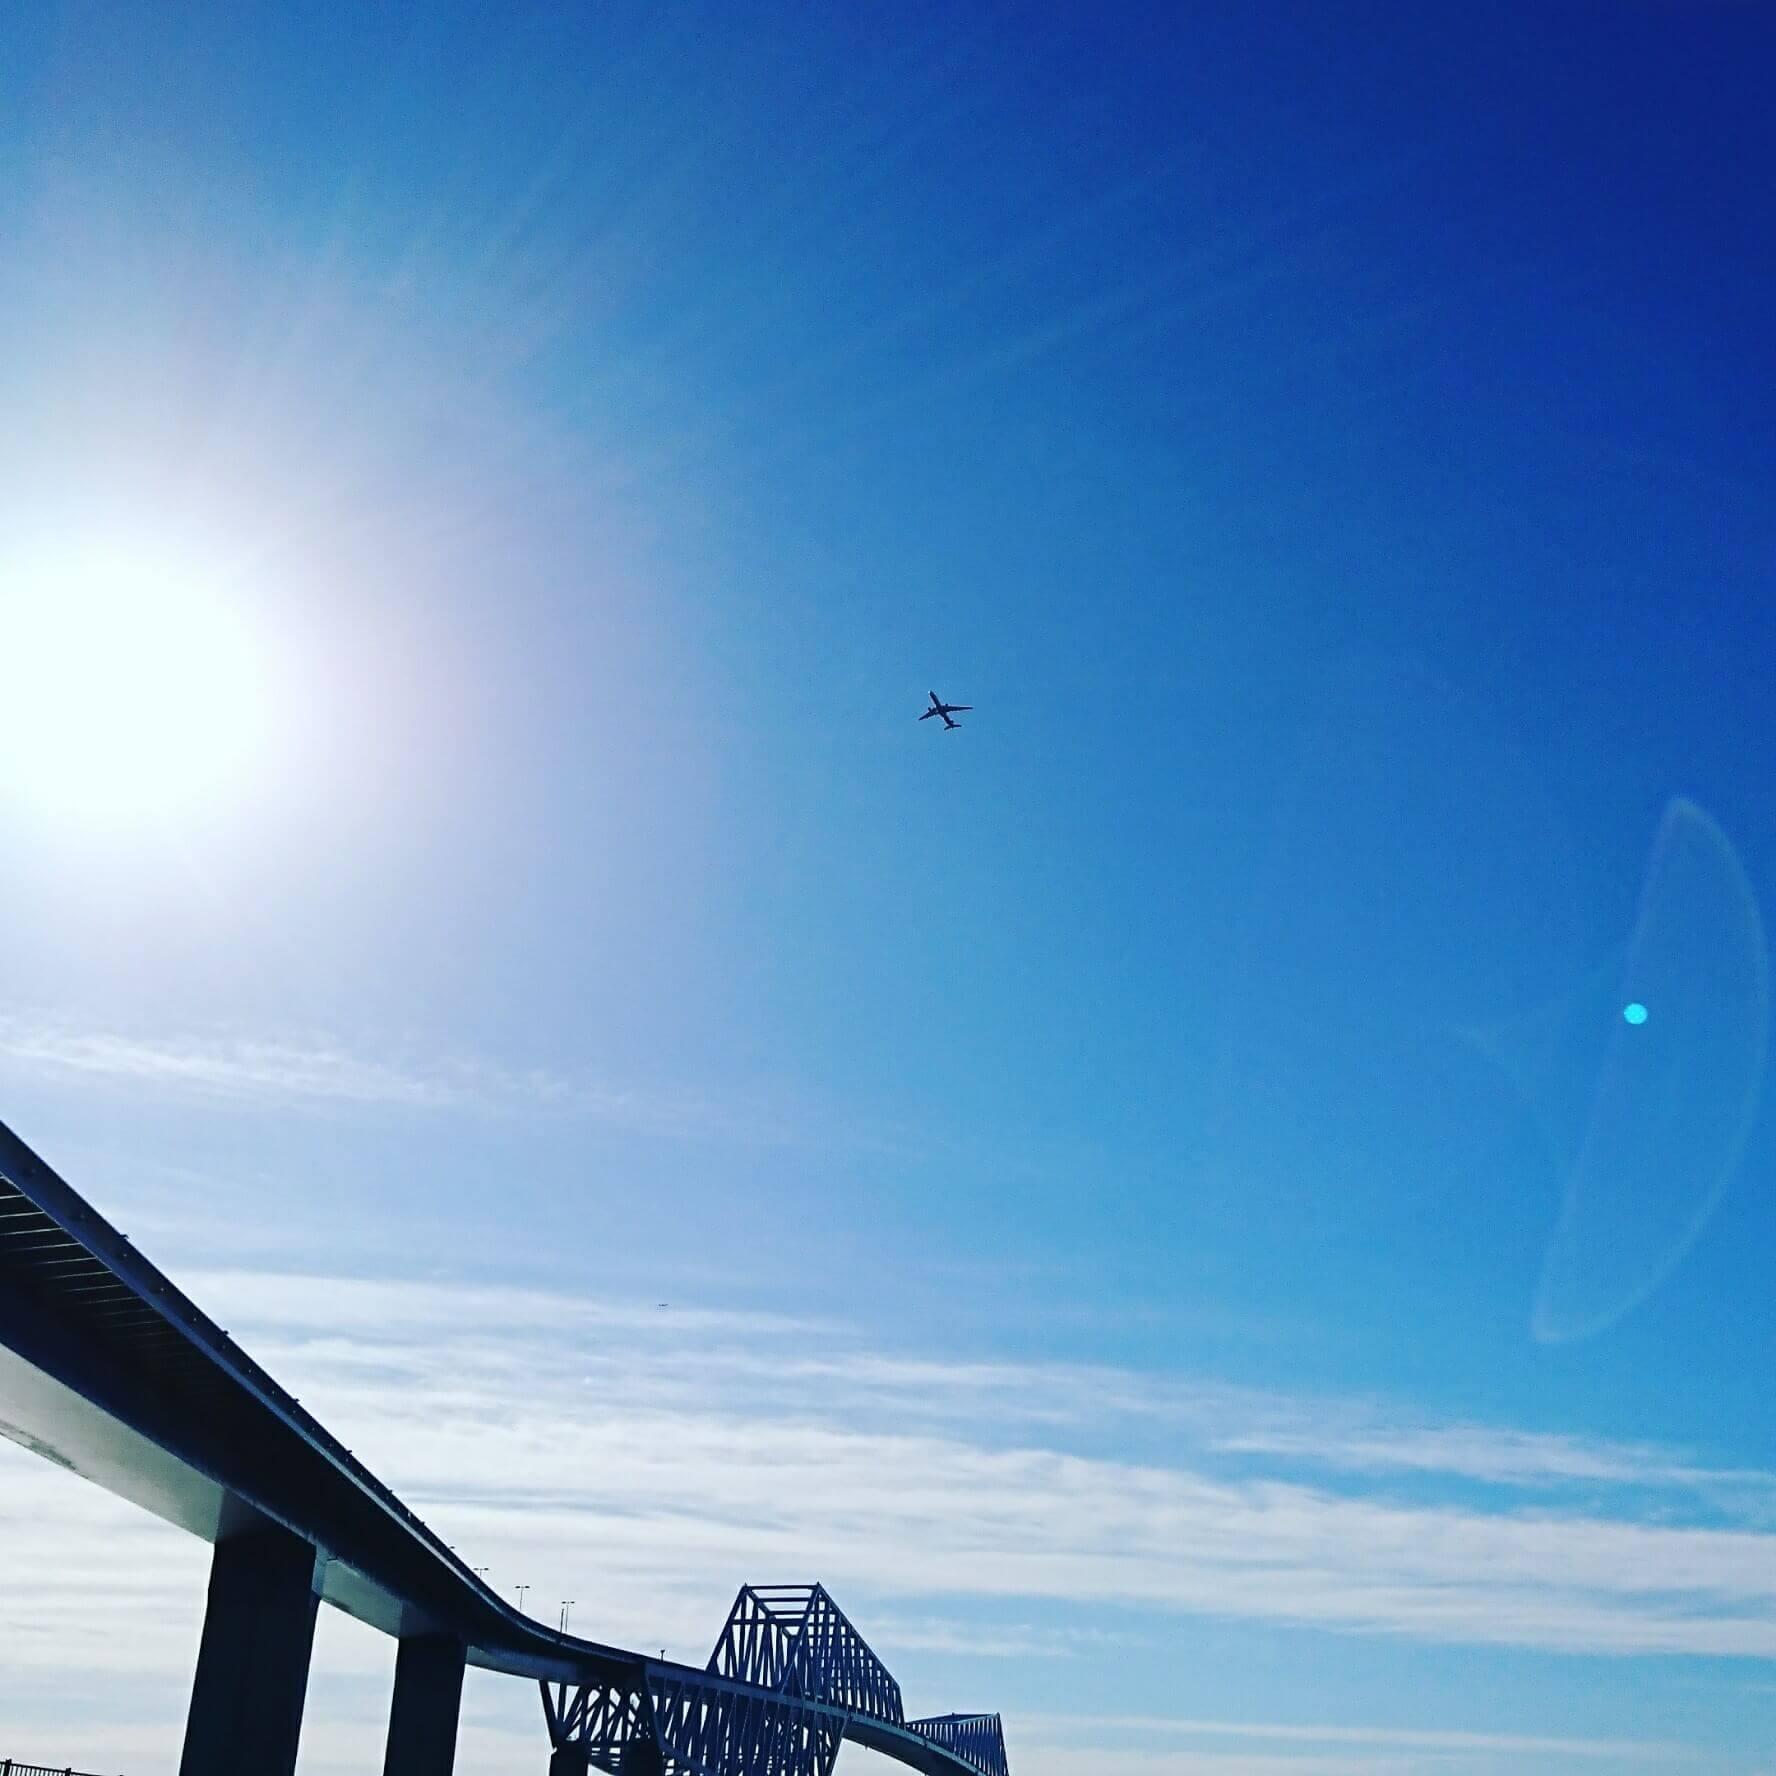 ゲートプリッジと飛行機